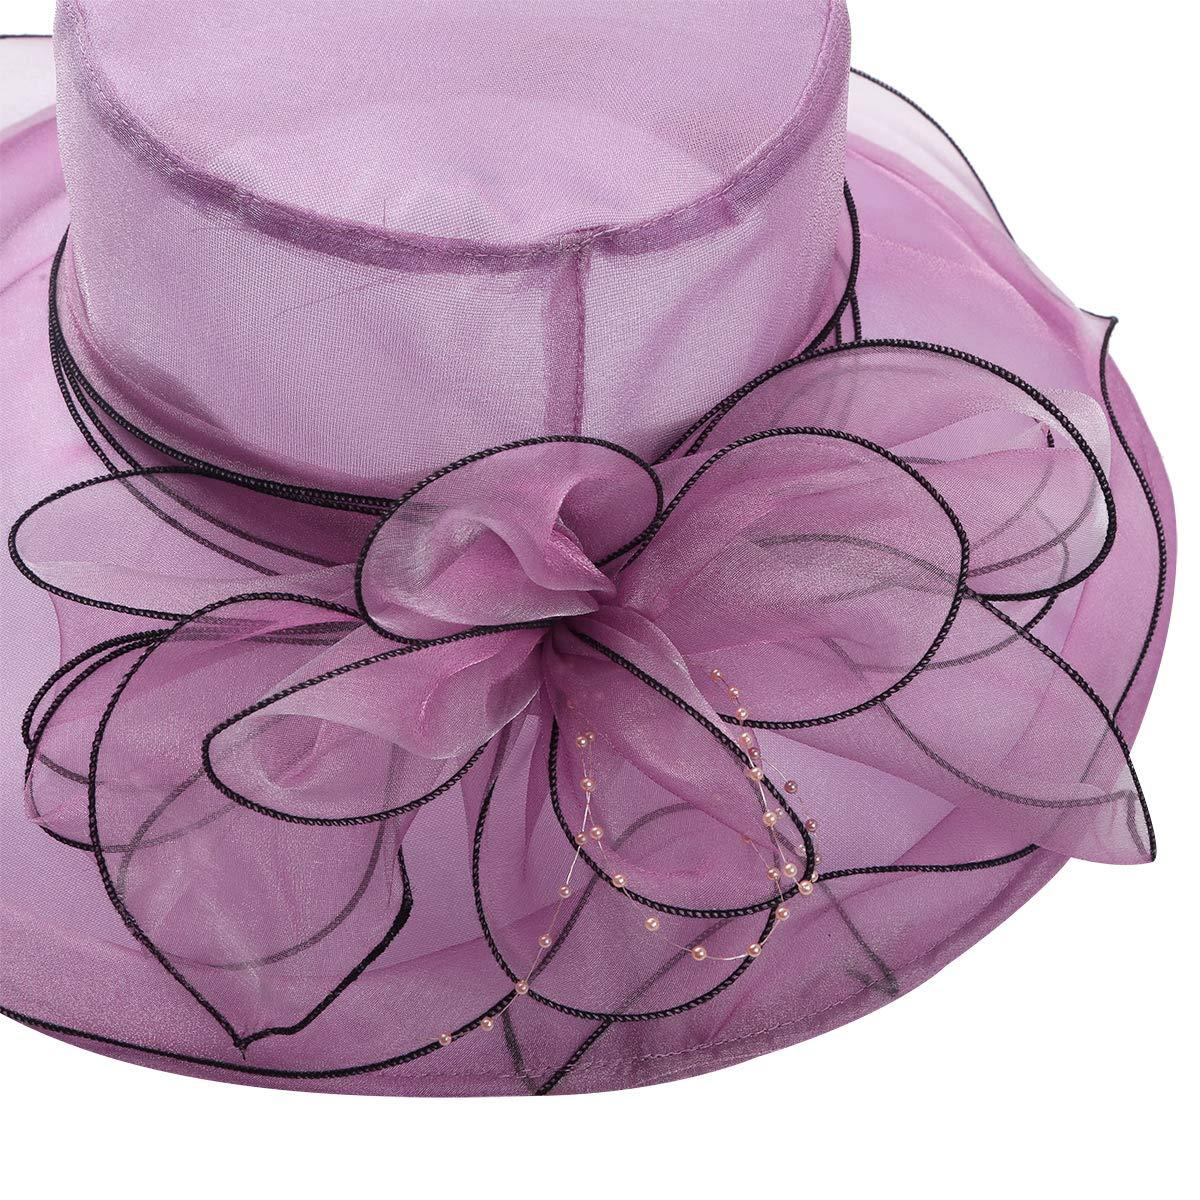 IEFIEL Pamelas para Bodas Sombrero Mujer Pamela Ala Ancha de Organza Flor para Sol Verano Iglesia Fiesta Verano Vacaciones Vintaje Elegante Kentucky Derby Sun Hat